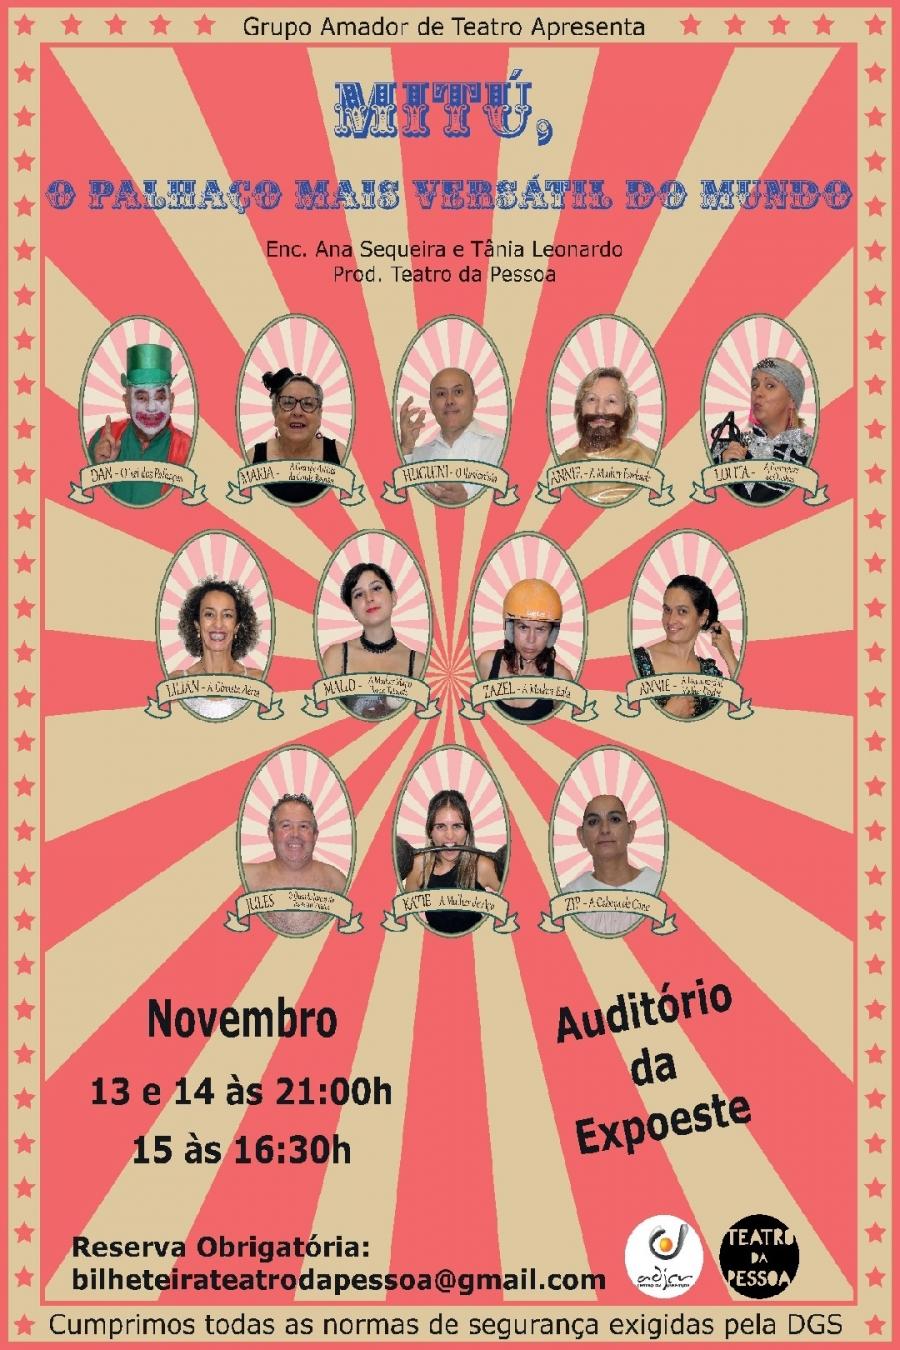 'MITÚ, O PALHAÇO MAIS VERSÁTIL DO MUNDO' - Grupo Amador de Teatro